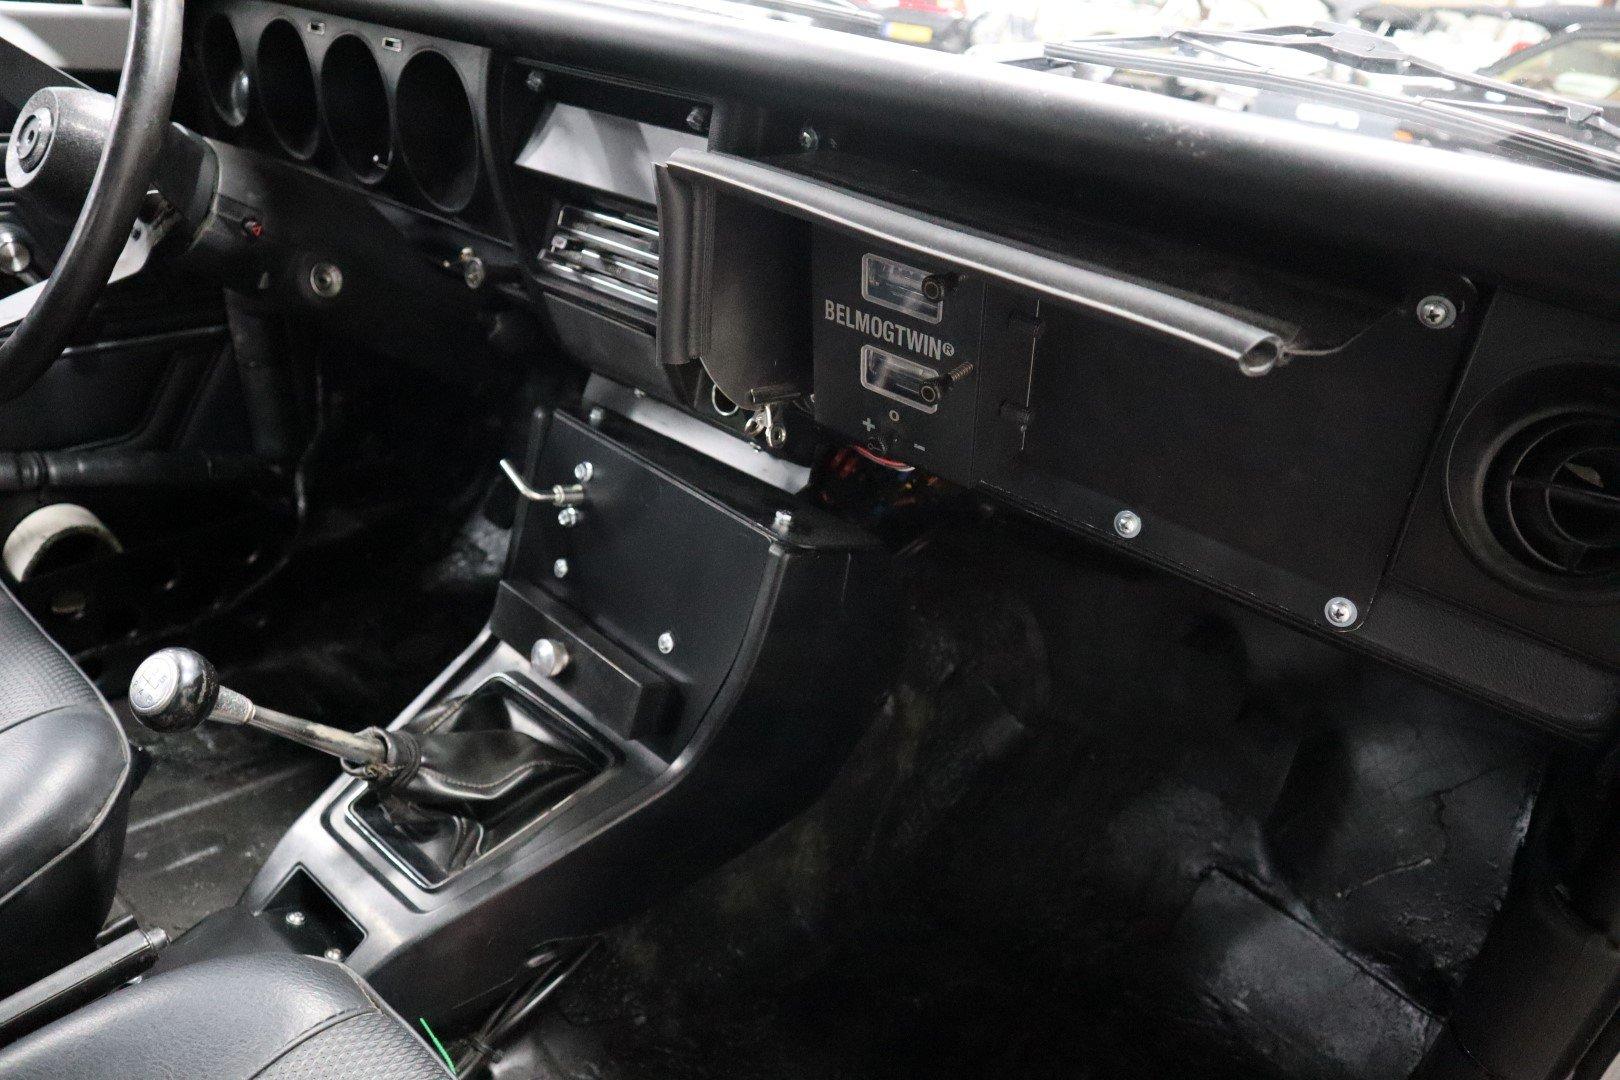 1977 Mitsubishi Lancer 1600 GSR Safari Rally For Sale (picture 10 of 12)